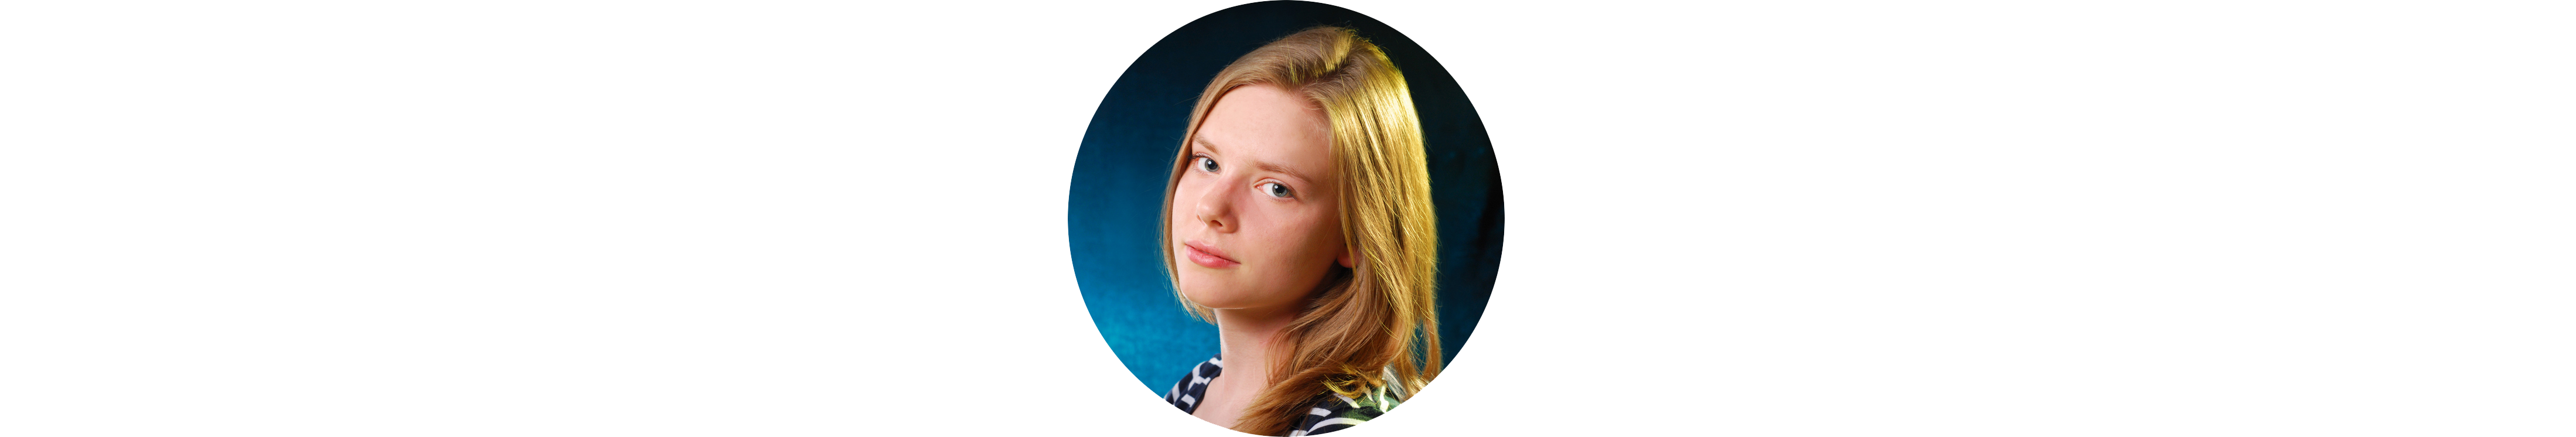 Polina Ganeva